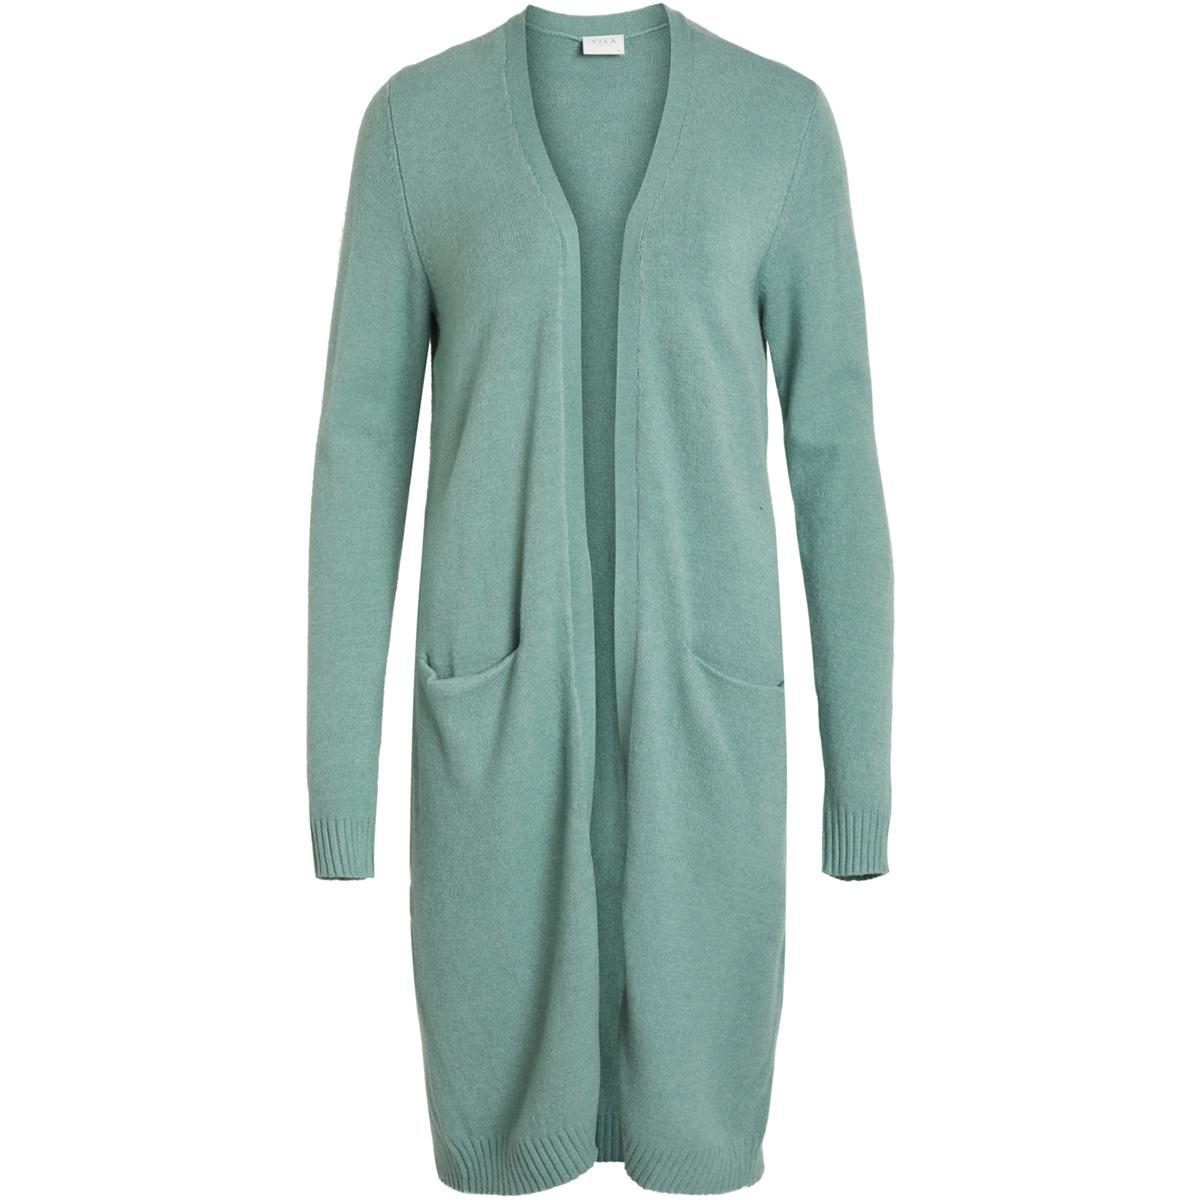 viril l/s long knit cardigan-noos 14042770 vila vest oil blue/melange